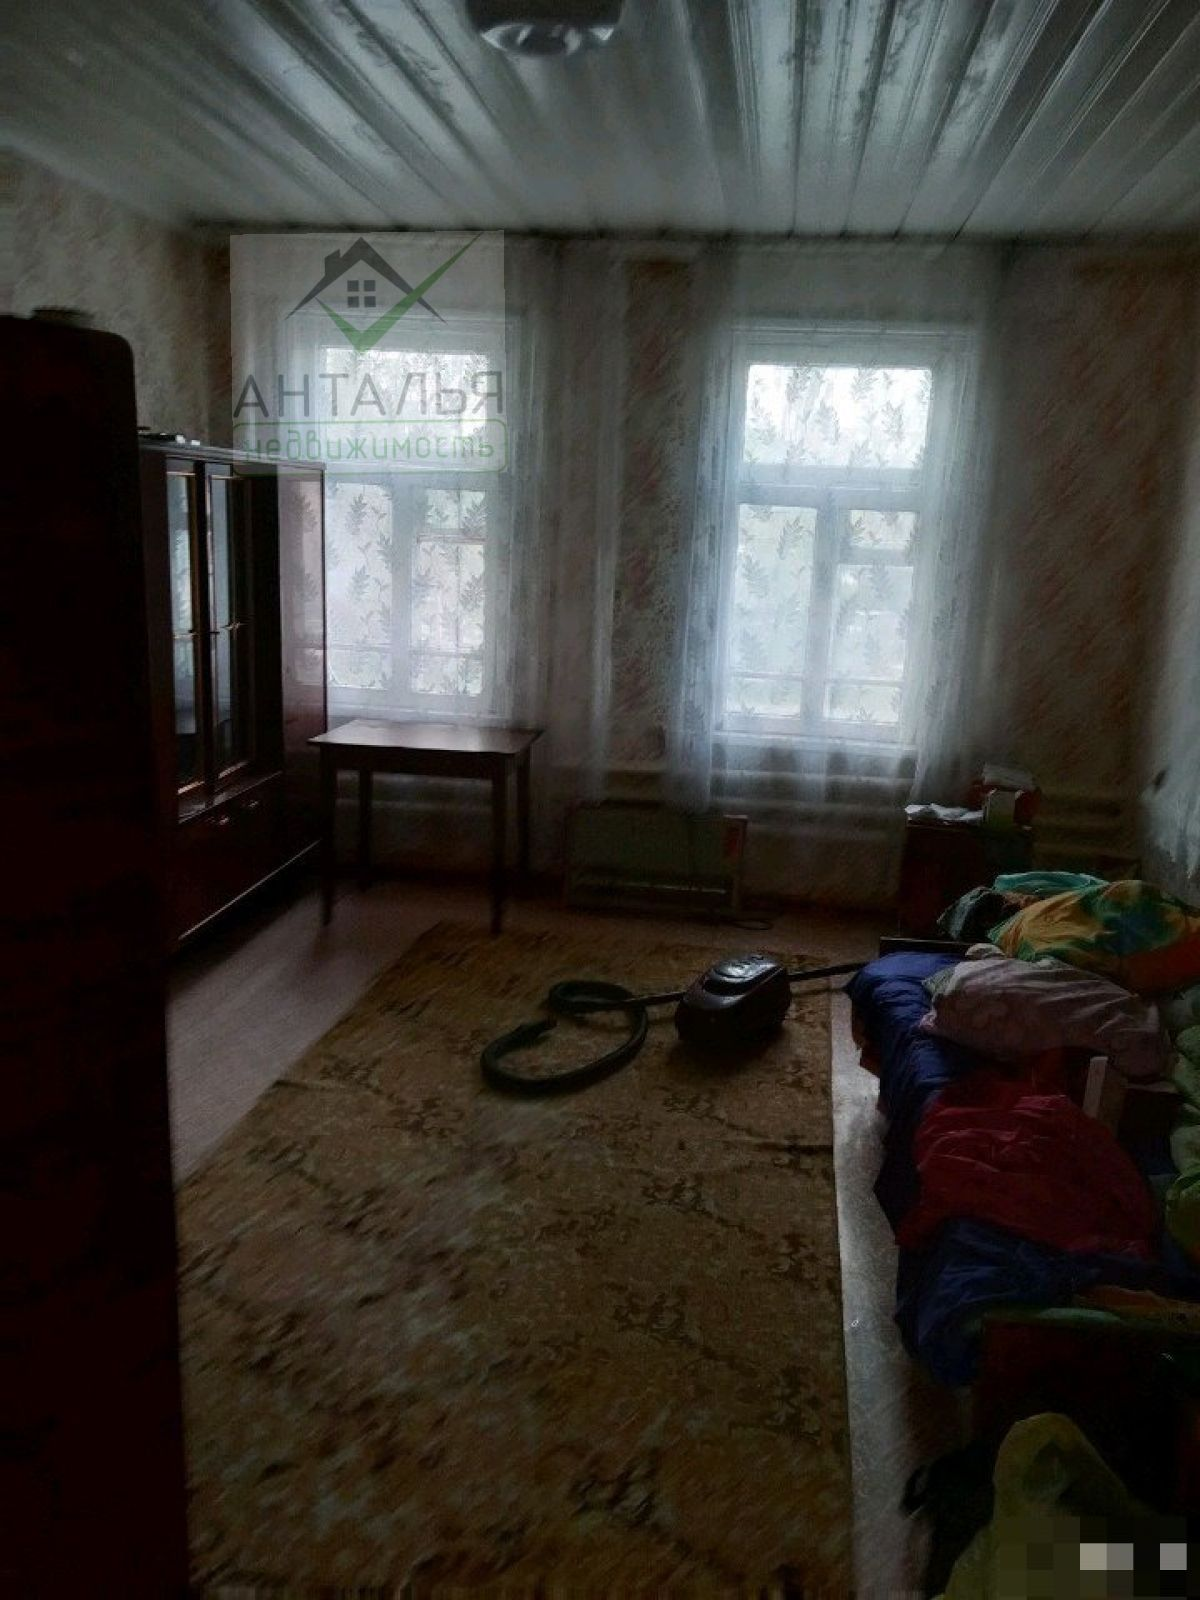 Продам дом, Ростовская область, Каменск-Шахтинский, Ж/д вокзал, Придорожный пер